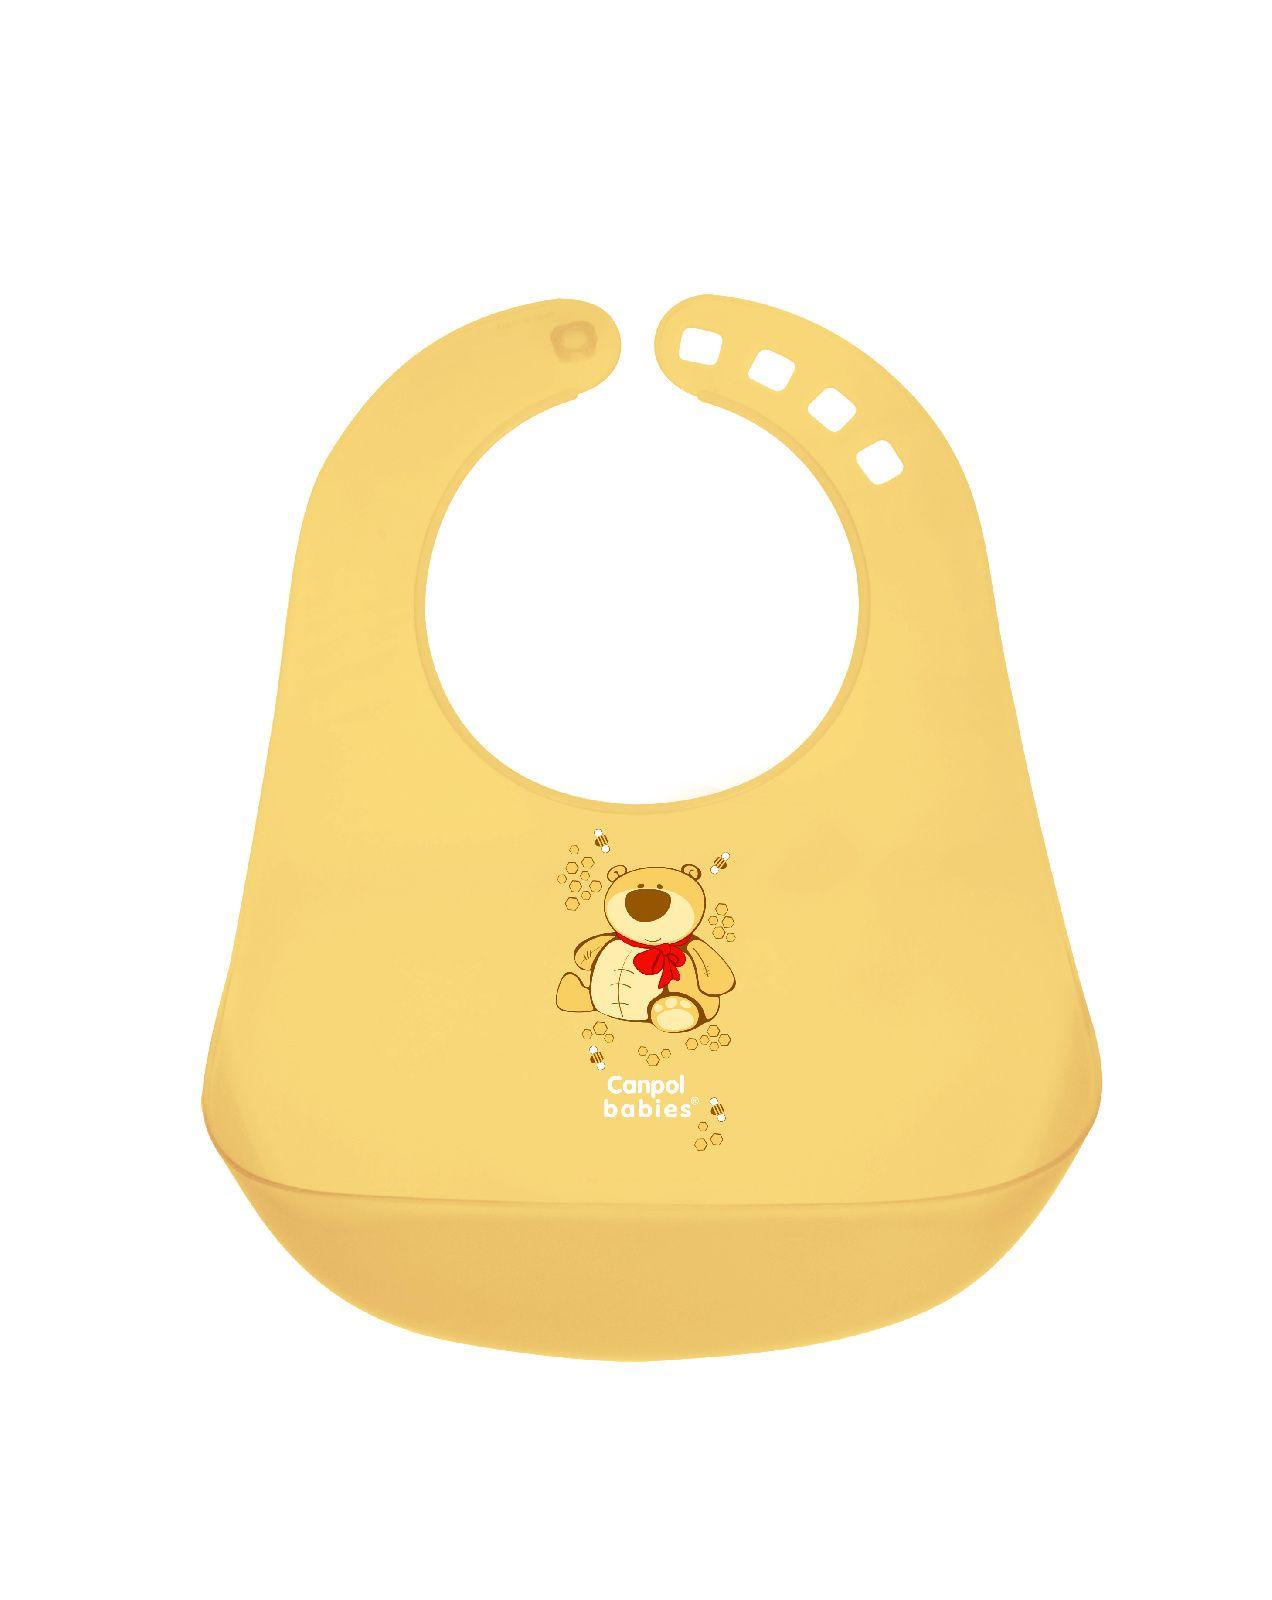 Купить Нагрудник пластиковый Canpol арт. 2/404 цвет желтый, Canpol Babies,